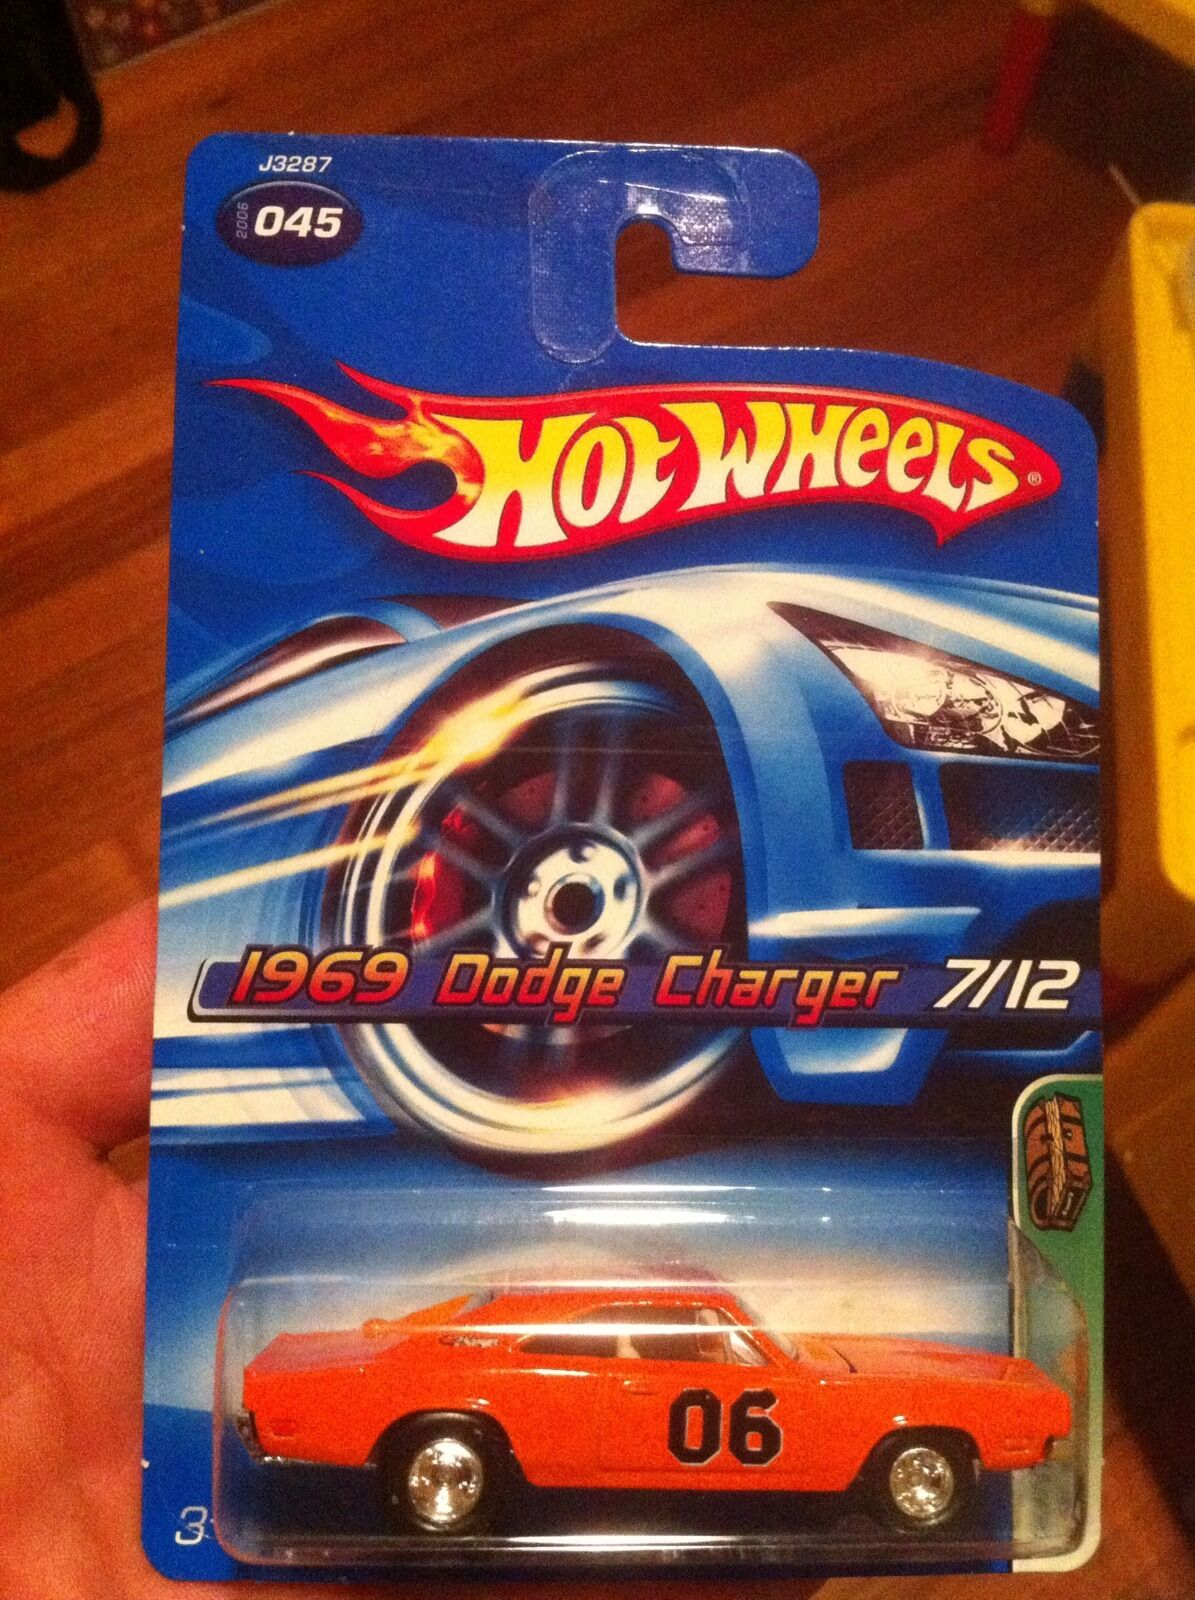 2006 hotwheels 1969 dodge charger-super schatzsuche